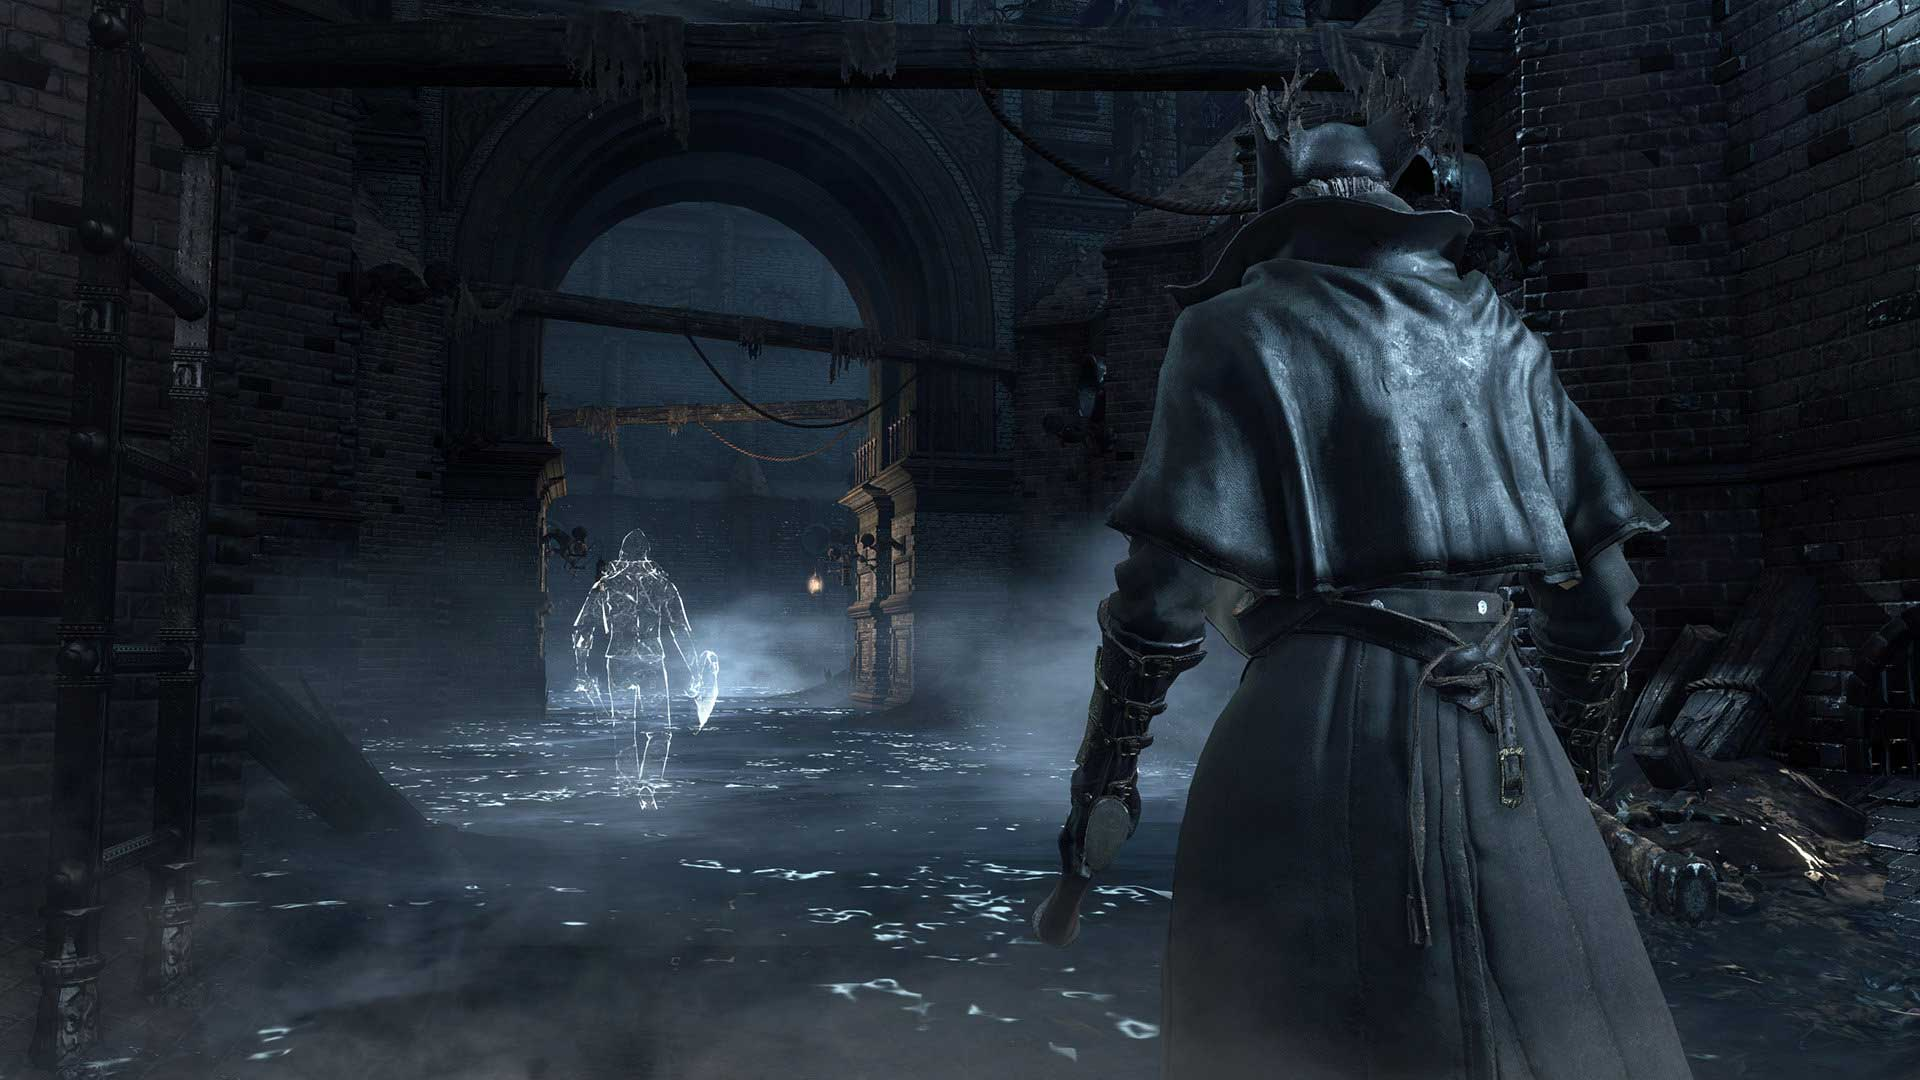 Photo of Bloodborne تصل للمرحلة الذهبية من الإنتاج والاستديو يحتفل بعرض إصدار وصور جديدة